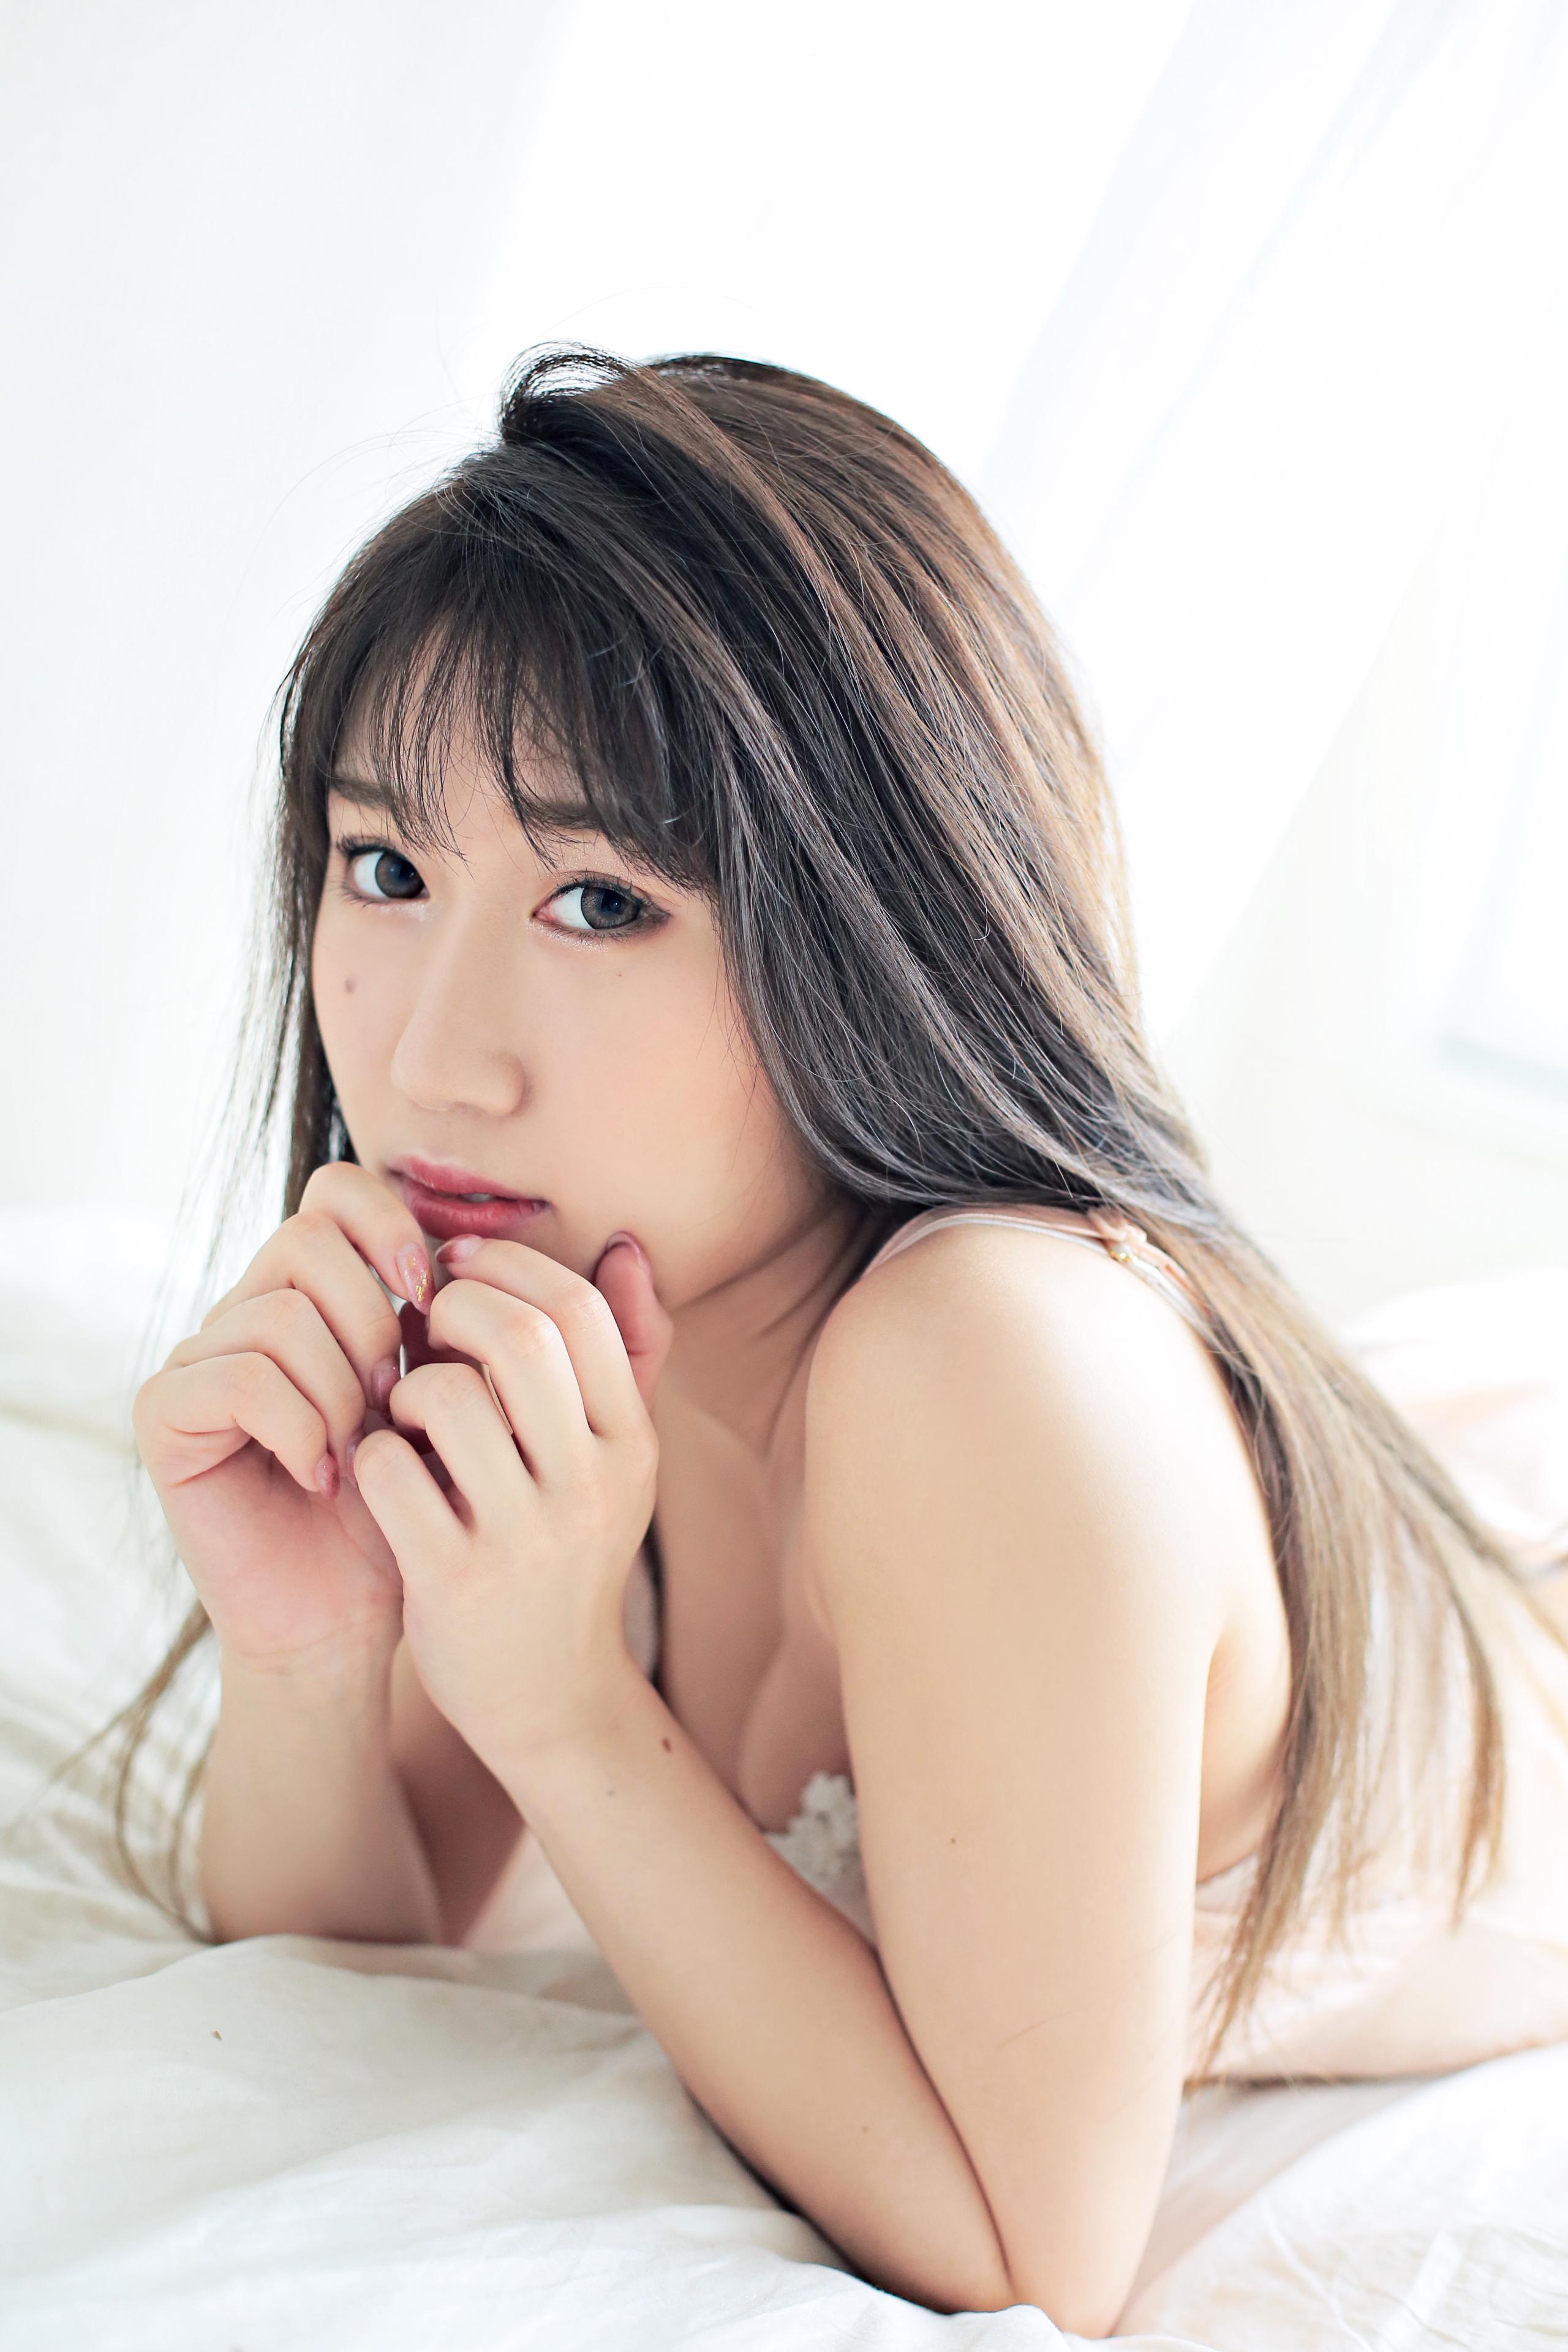 ichihana_hinano_s_t_03